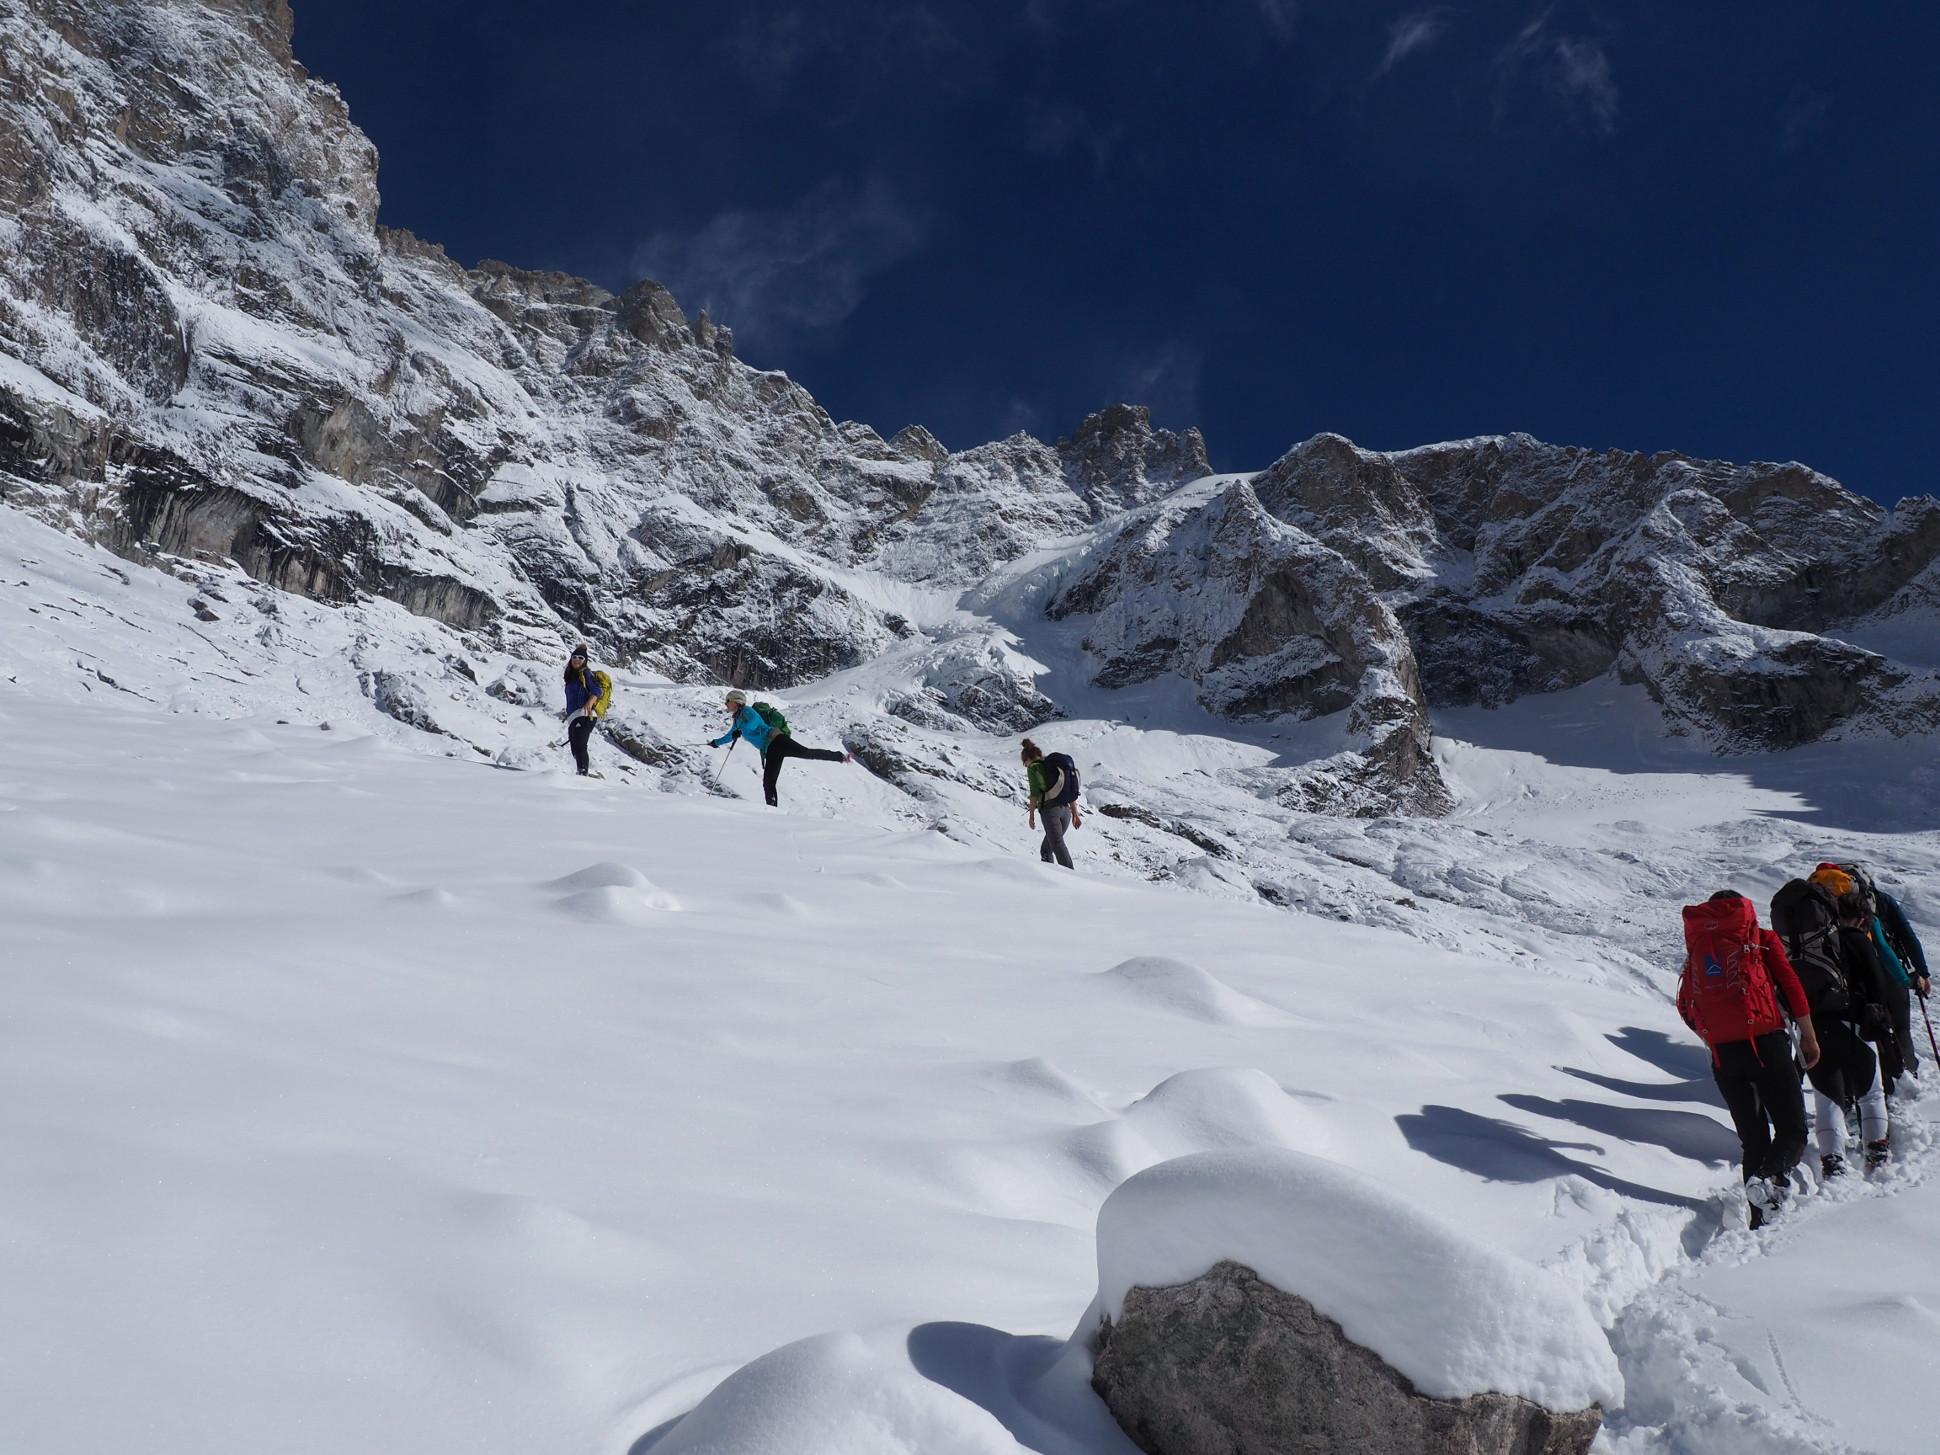 Vers 2900m, en haut de la morraine, déjà une neige bien présente dans un décor de rêve !